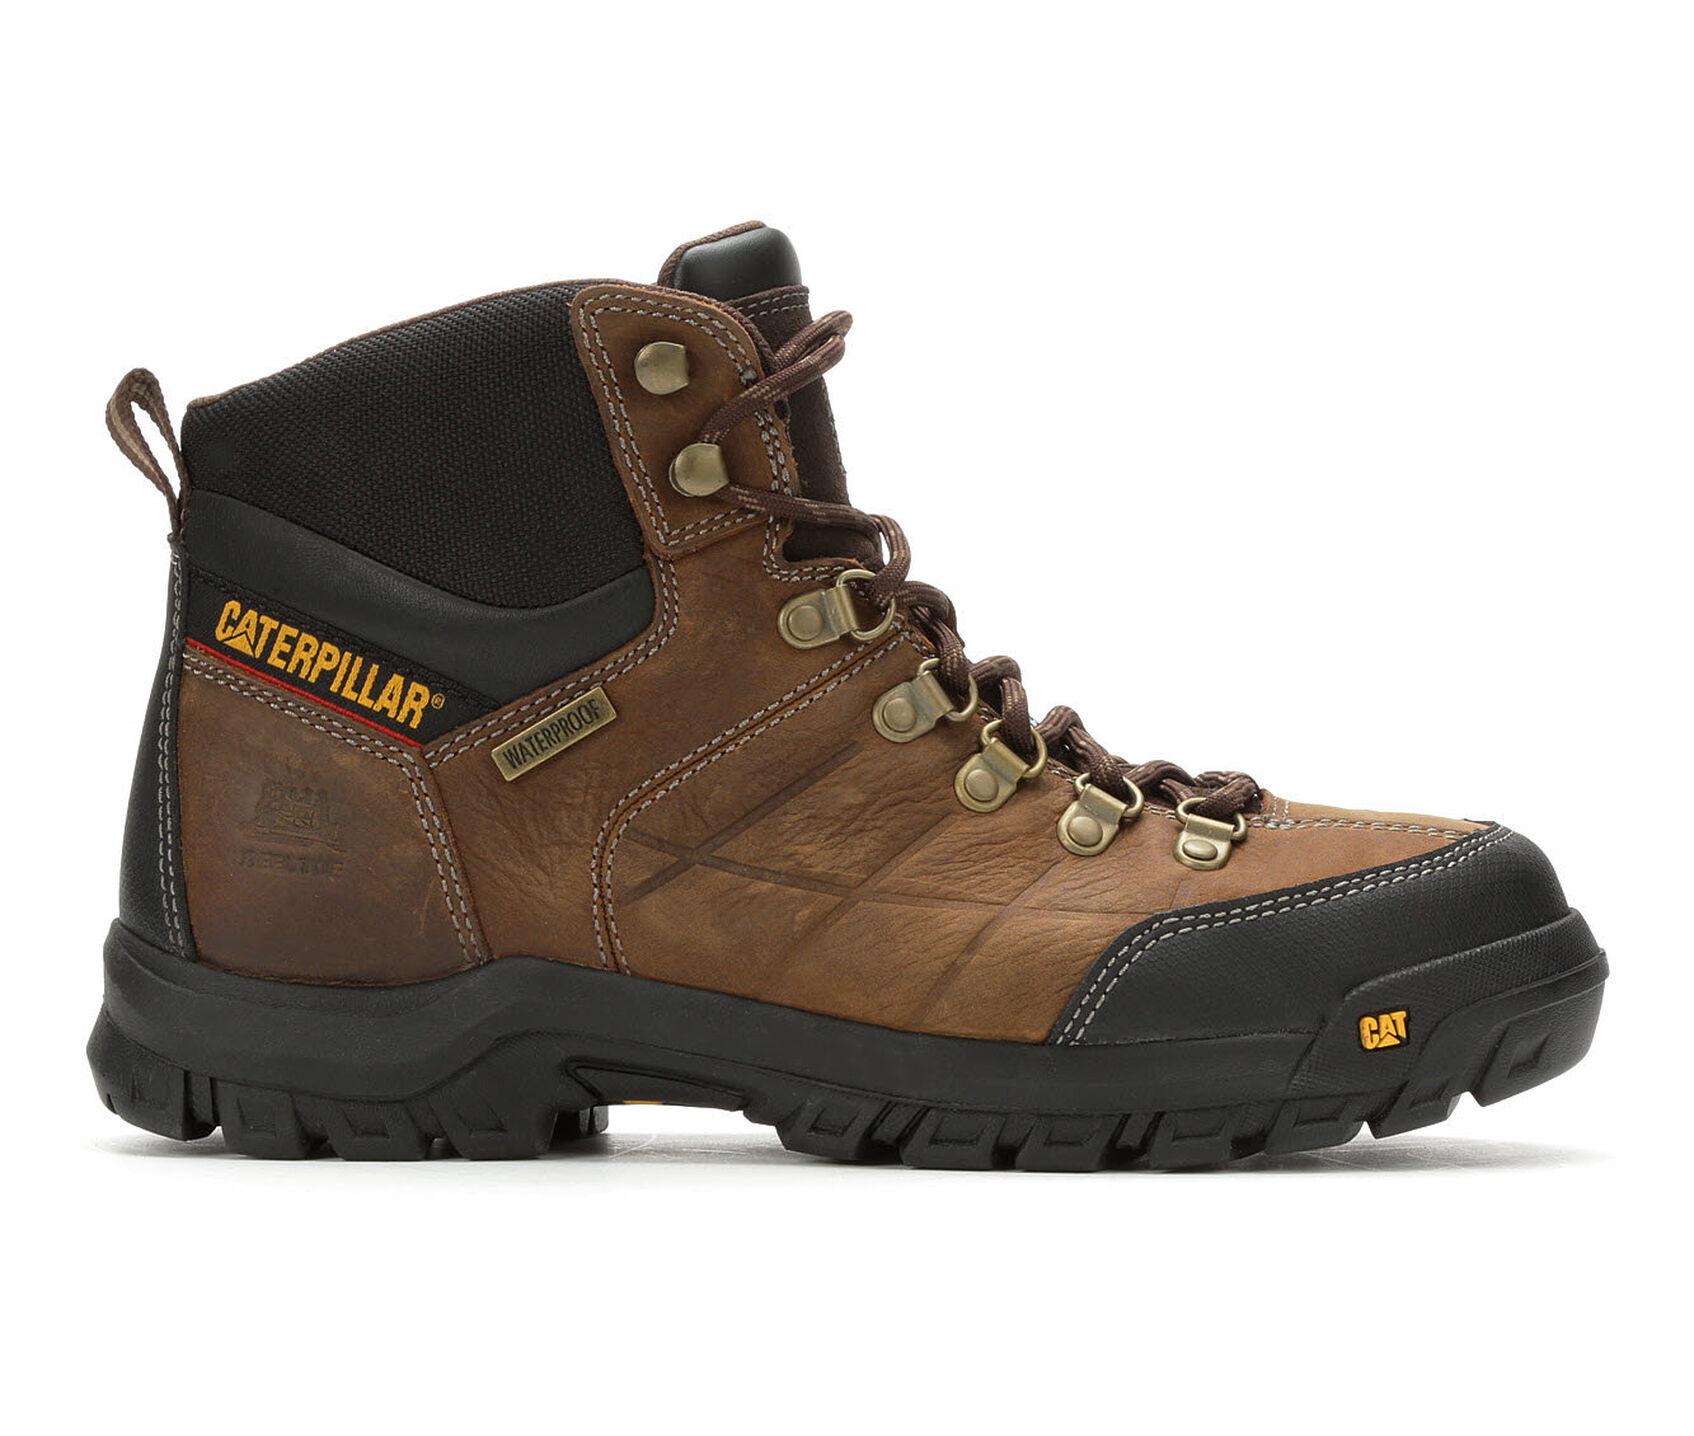 3e58e20a06d Men's Caterpillar Threshold Waterproof Steel Toe Work Boots